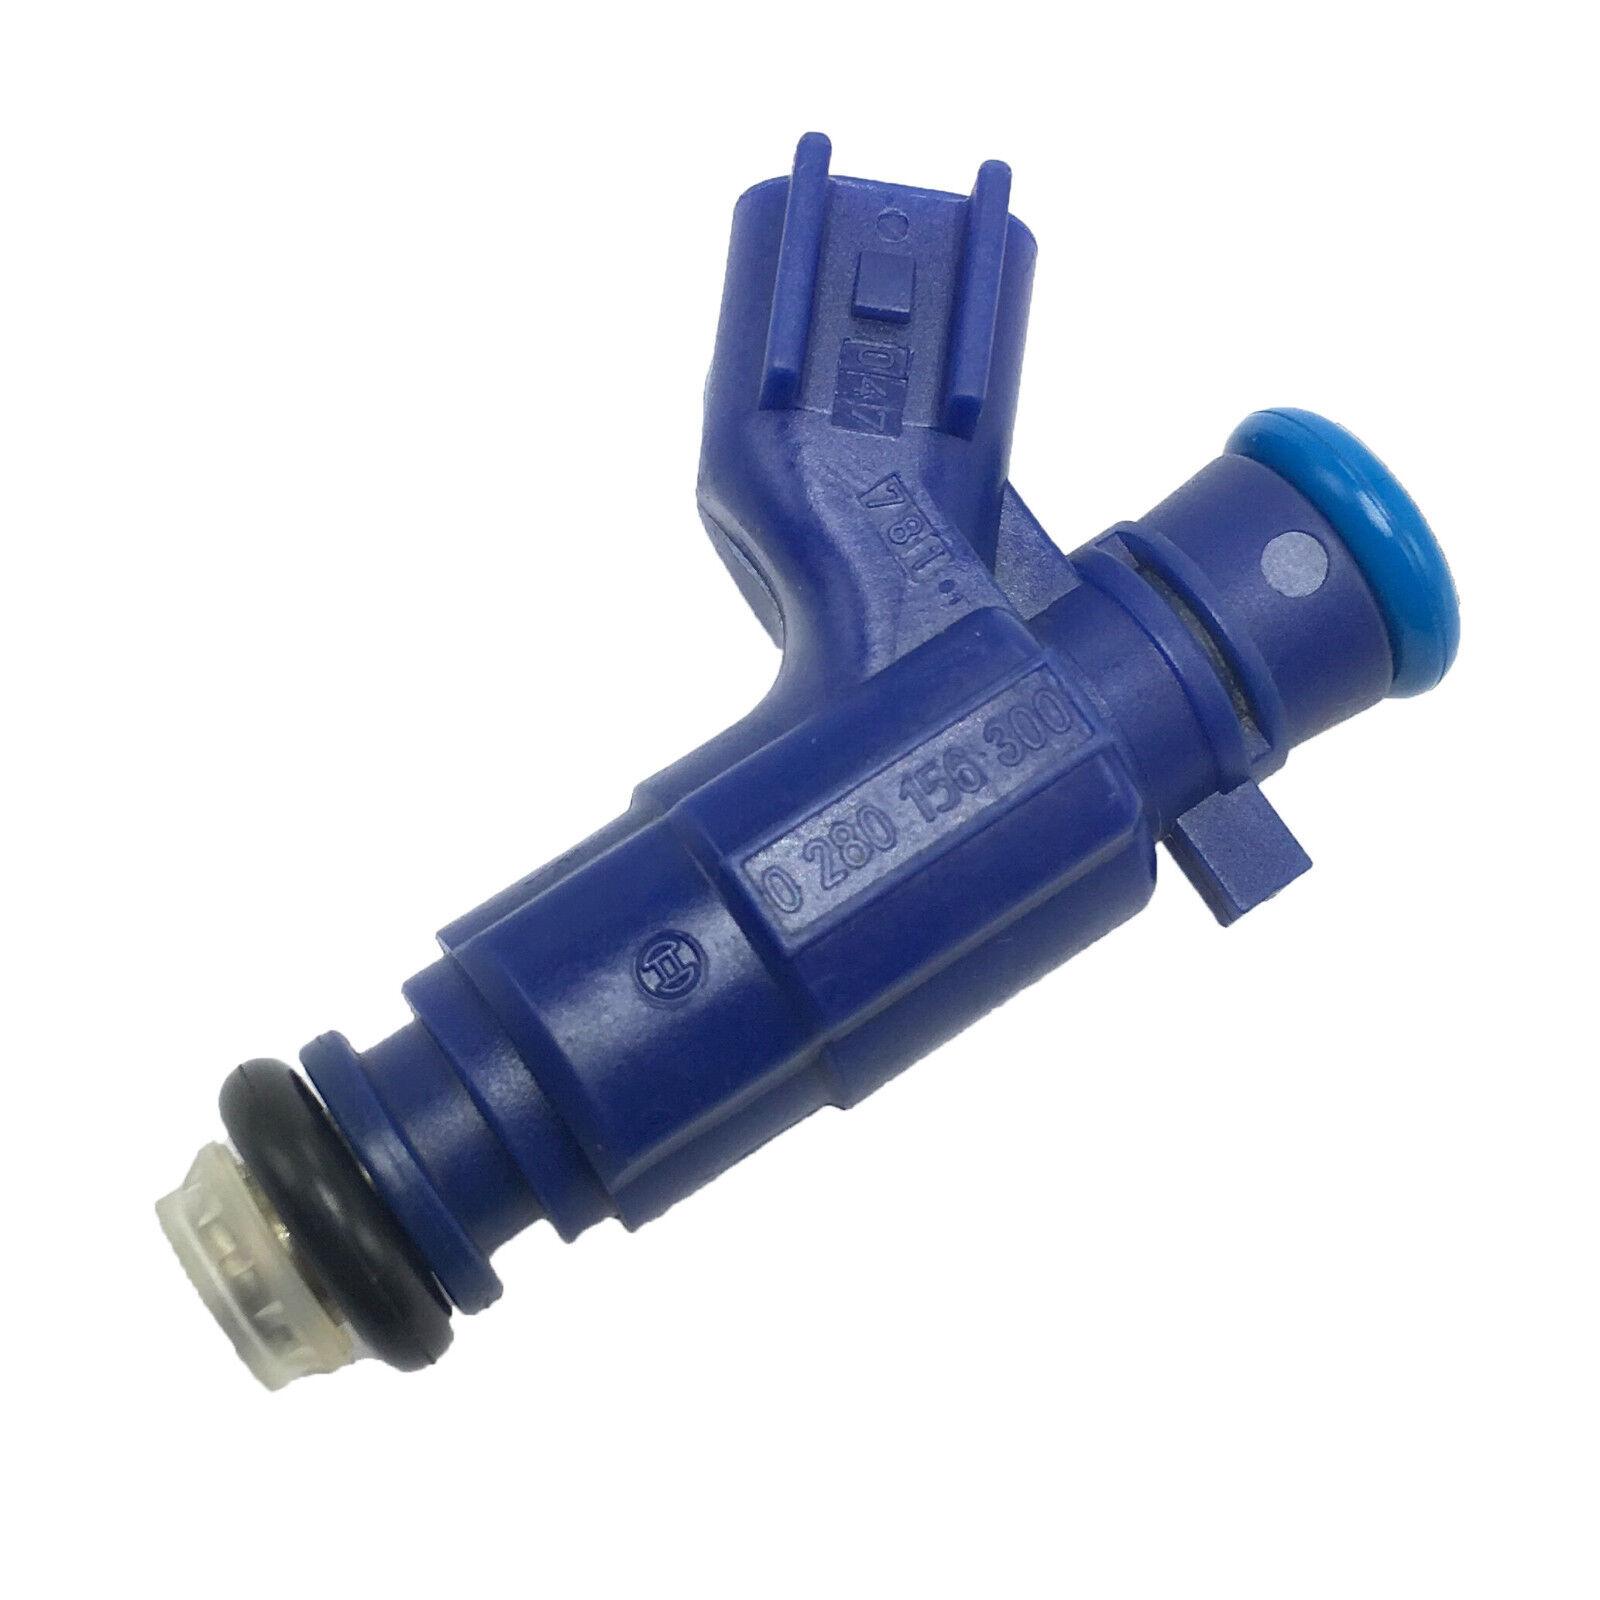 6x Fuel Injectors 0280156300 For Chevrolet Malibu Suzuki Pontiac 3.6L 92068193